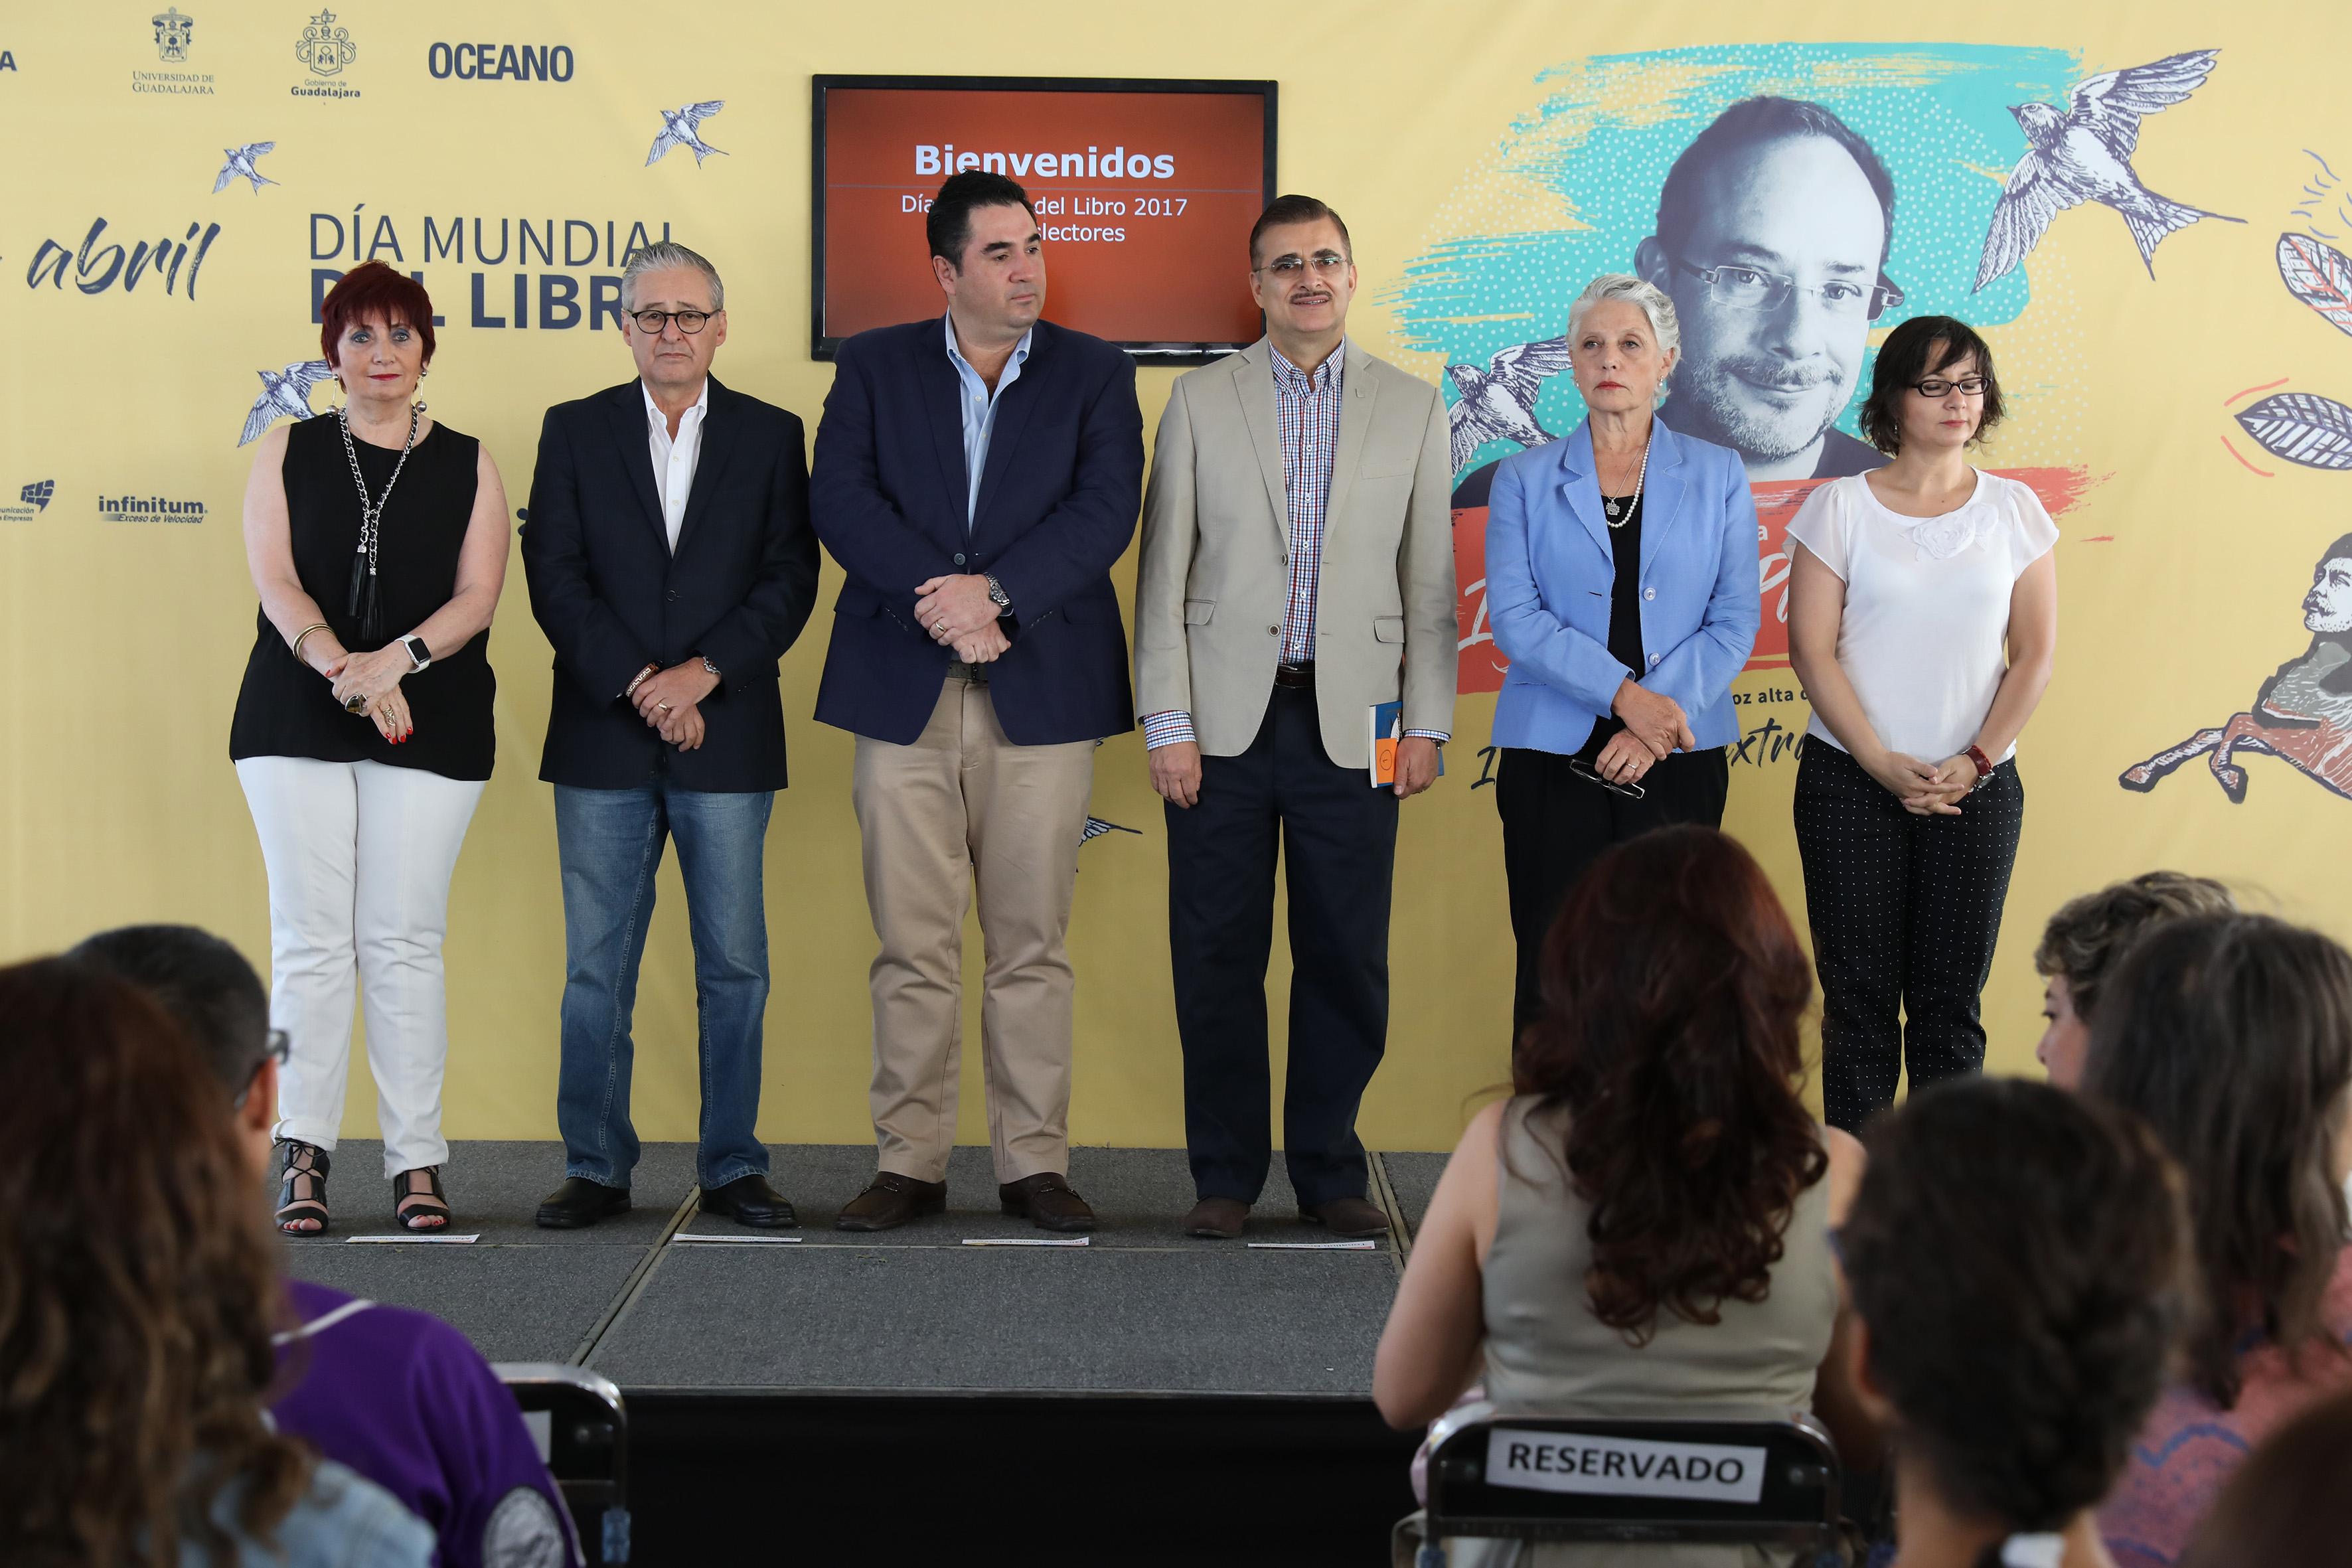 Autoridades universitarias y de gobierno, rindiendo homenaje a la obra de Ignacio Padilla durante el Día Mundial del Libro.